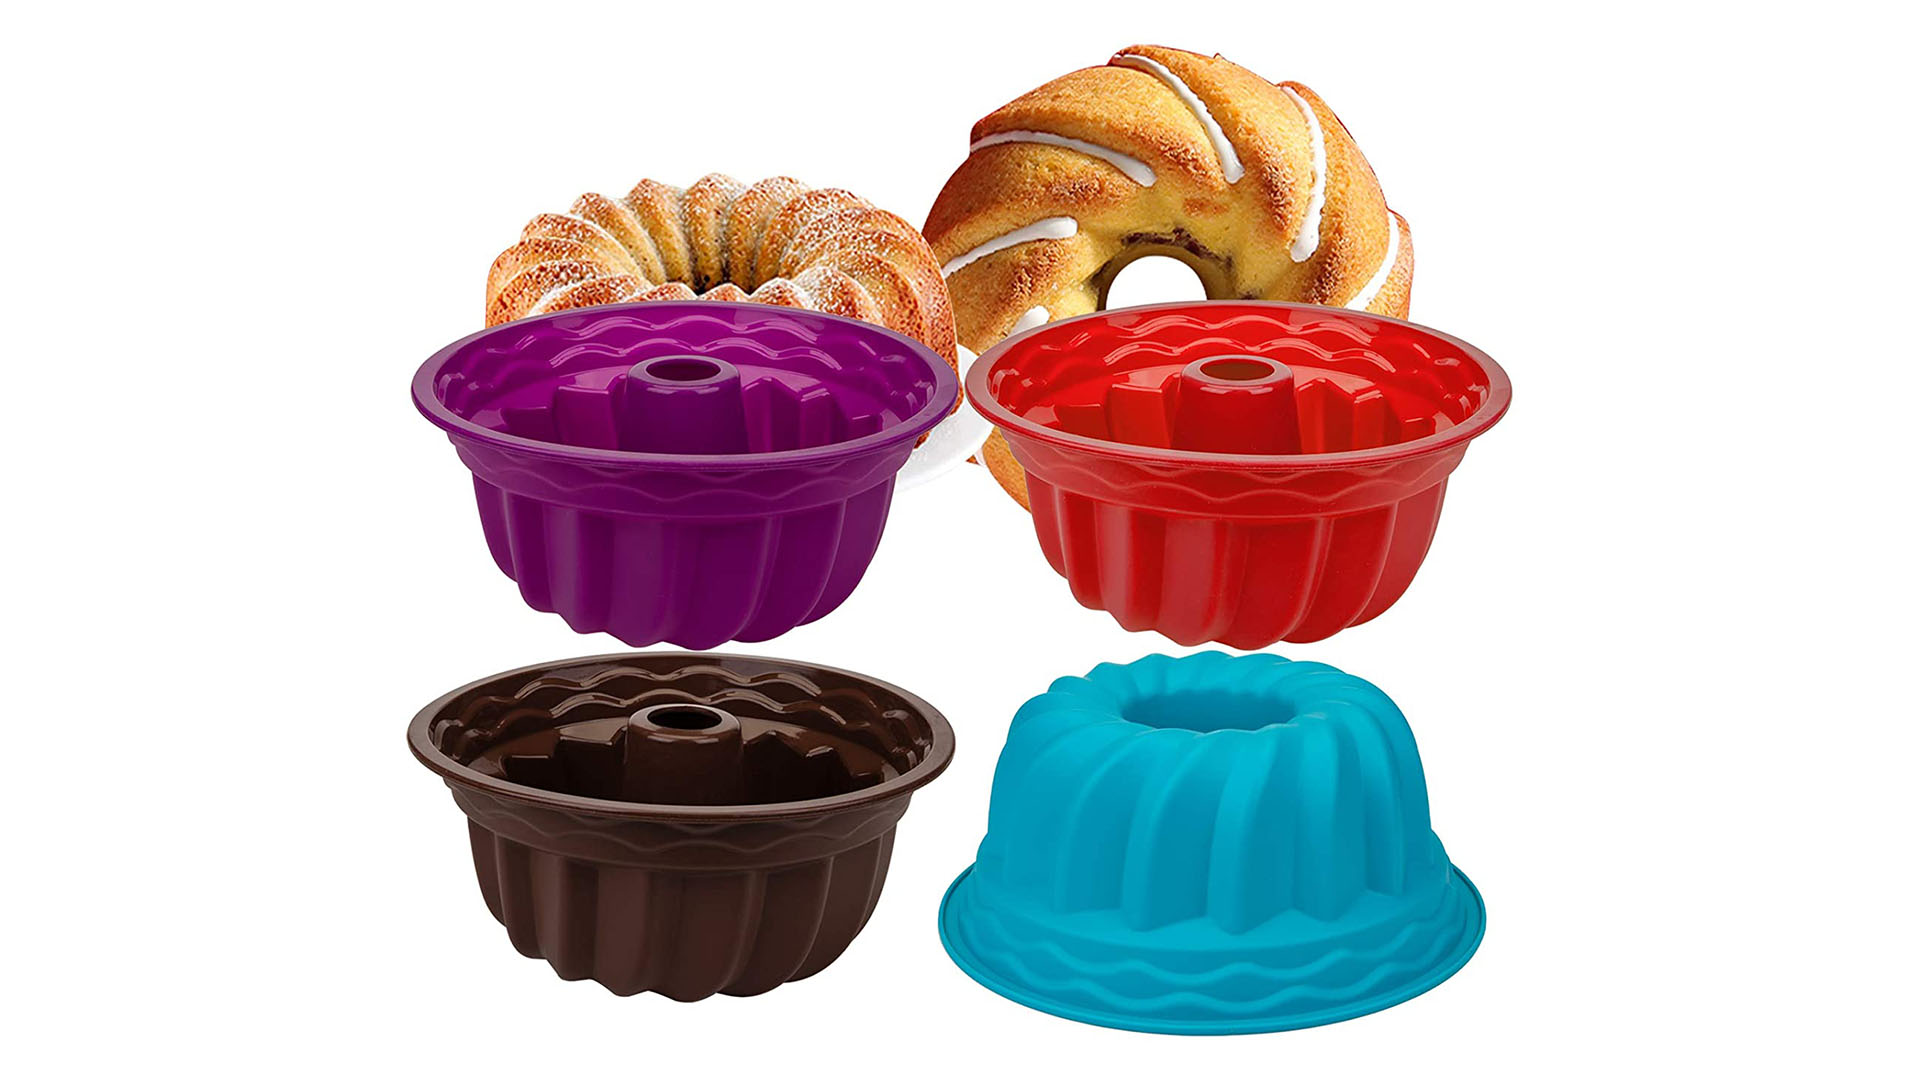 Vente en gros de 9 pouces Pumpkin Silicone gâteau pain de cuisson de cuisson en spirale ronde ronde anti-bâton de gâteau de silicone pour fête d'anniversaire DIY DH Silicone fournisseur